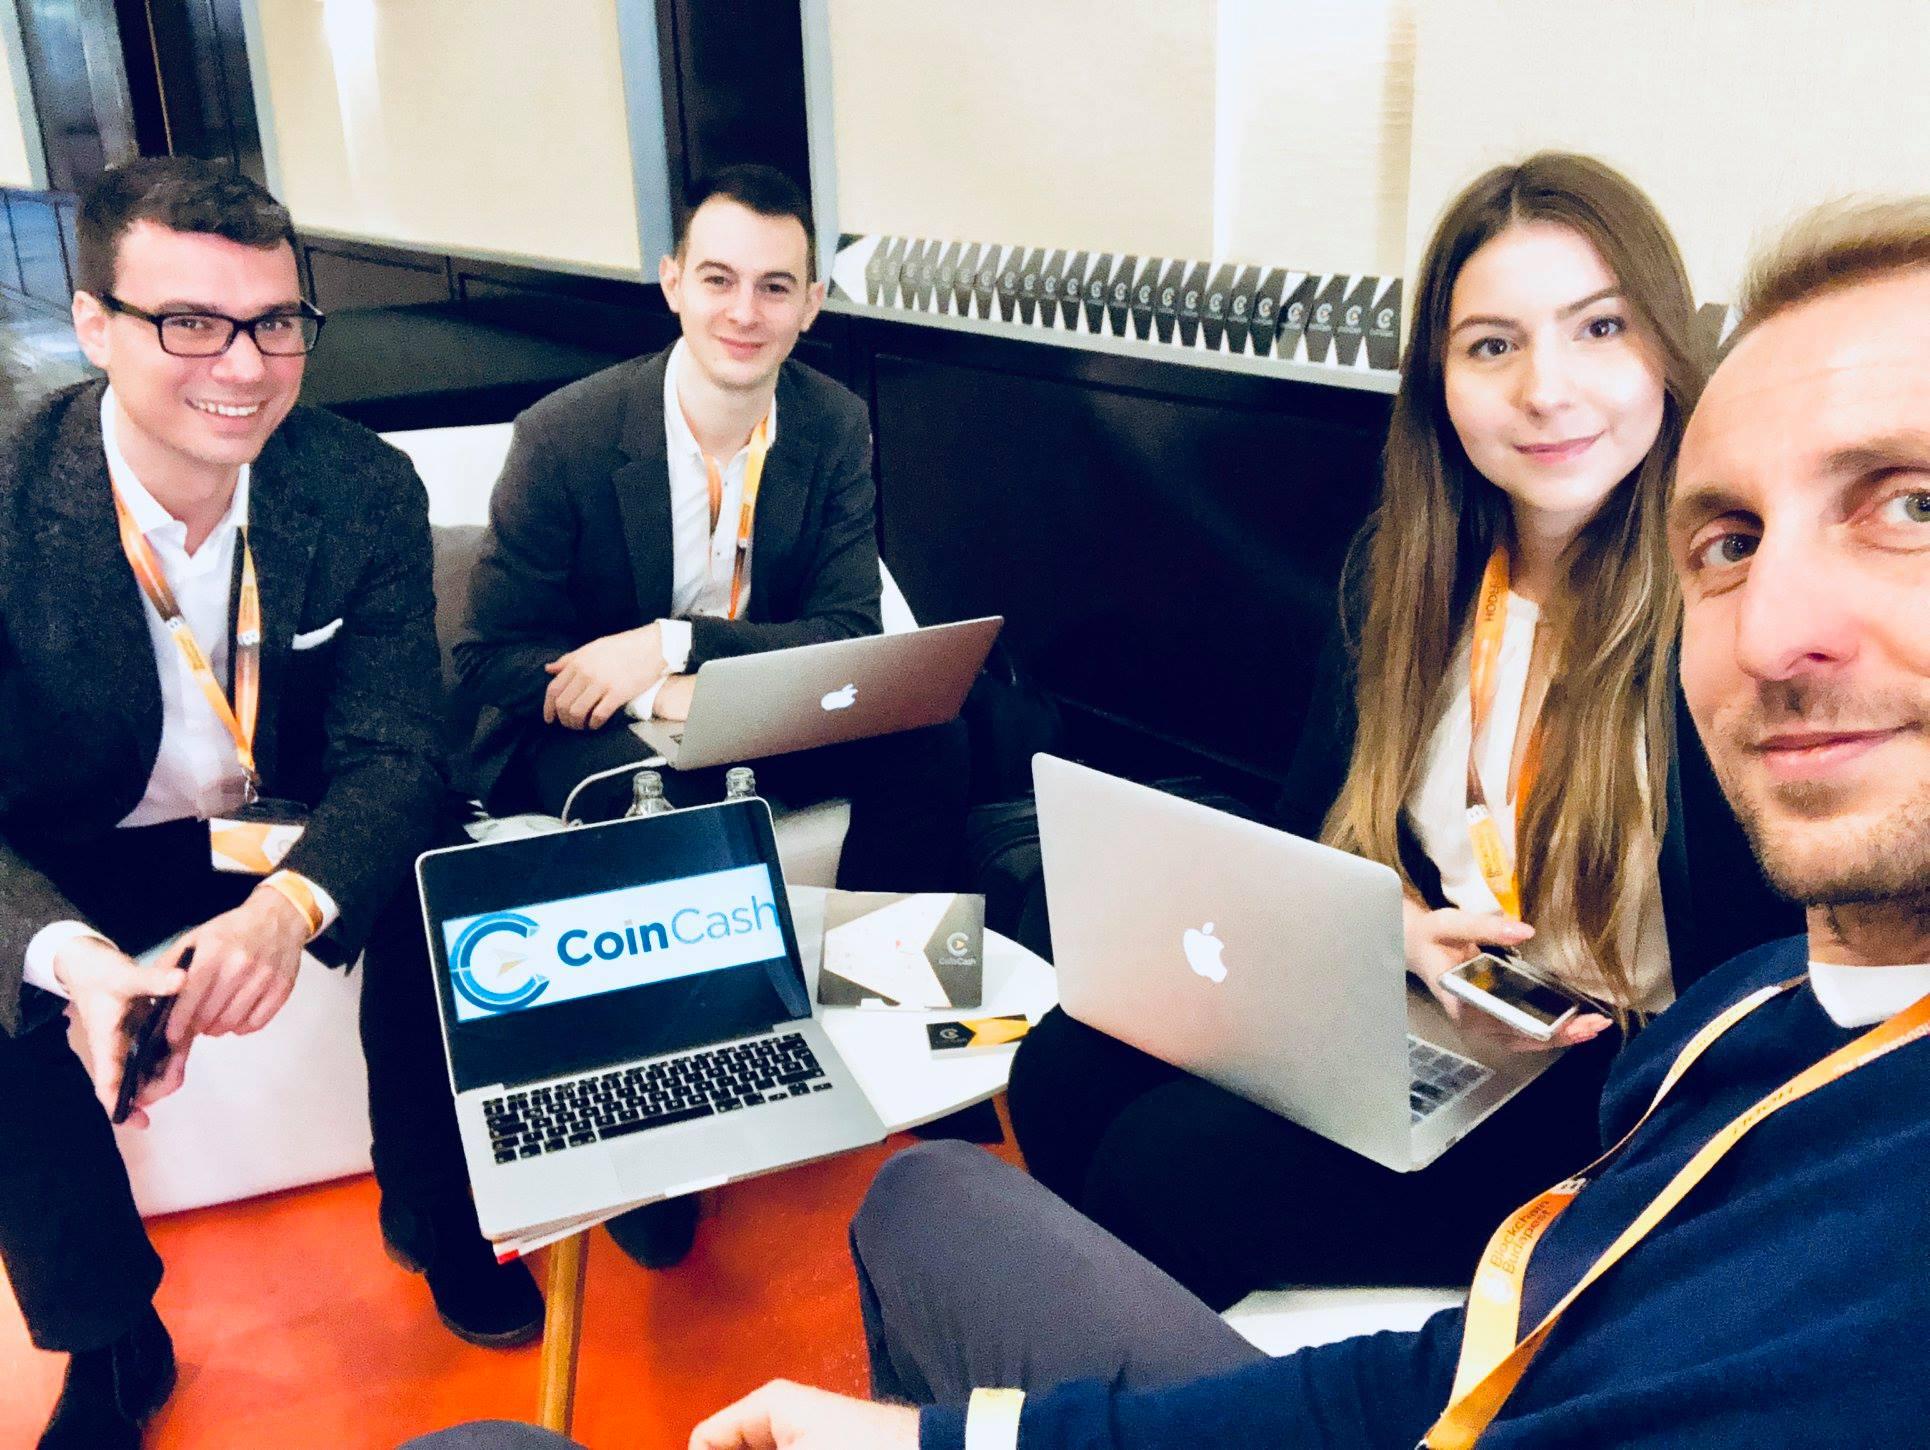 CoinCash csapat egy szelete